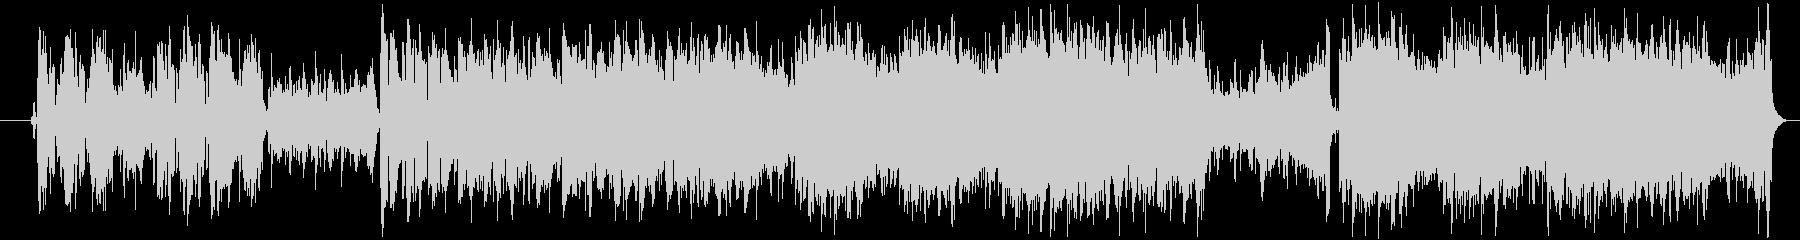 フラメンコのオリジナル曲でダンス向きの未再生の波形